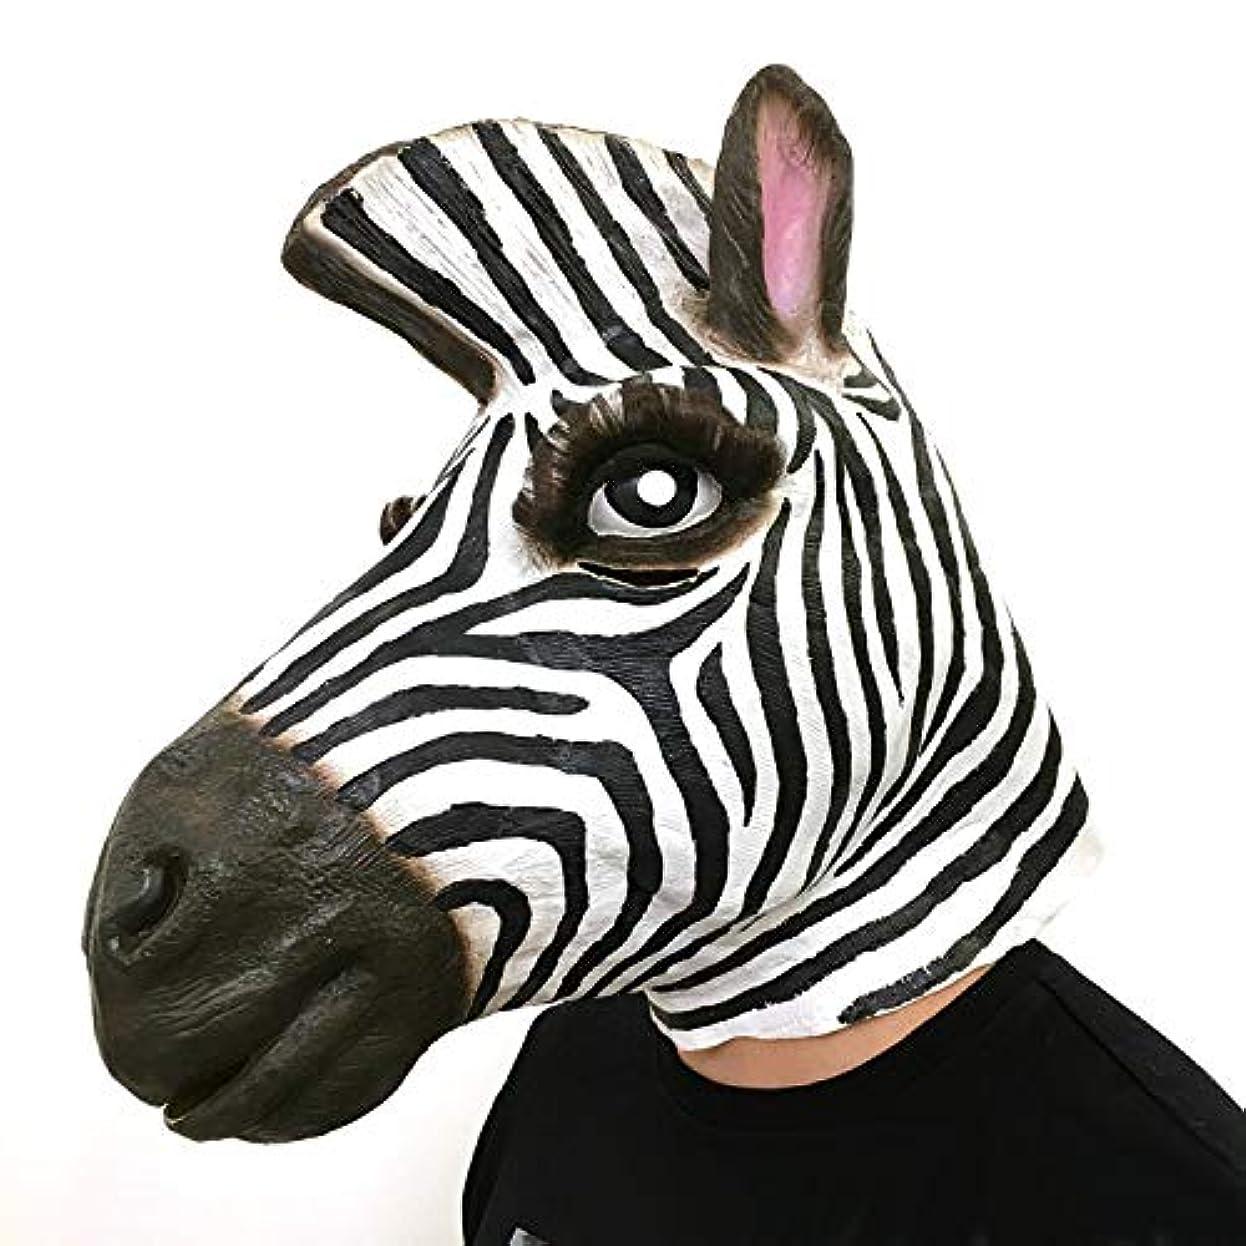 同じ師匠り馬のマスク、祭りやダンスパーティーのための馬の頭おかしい動物マスクコレクションハロウィンコスチューム